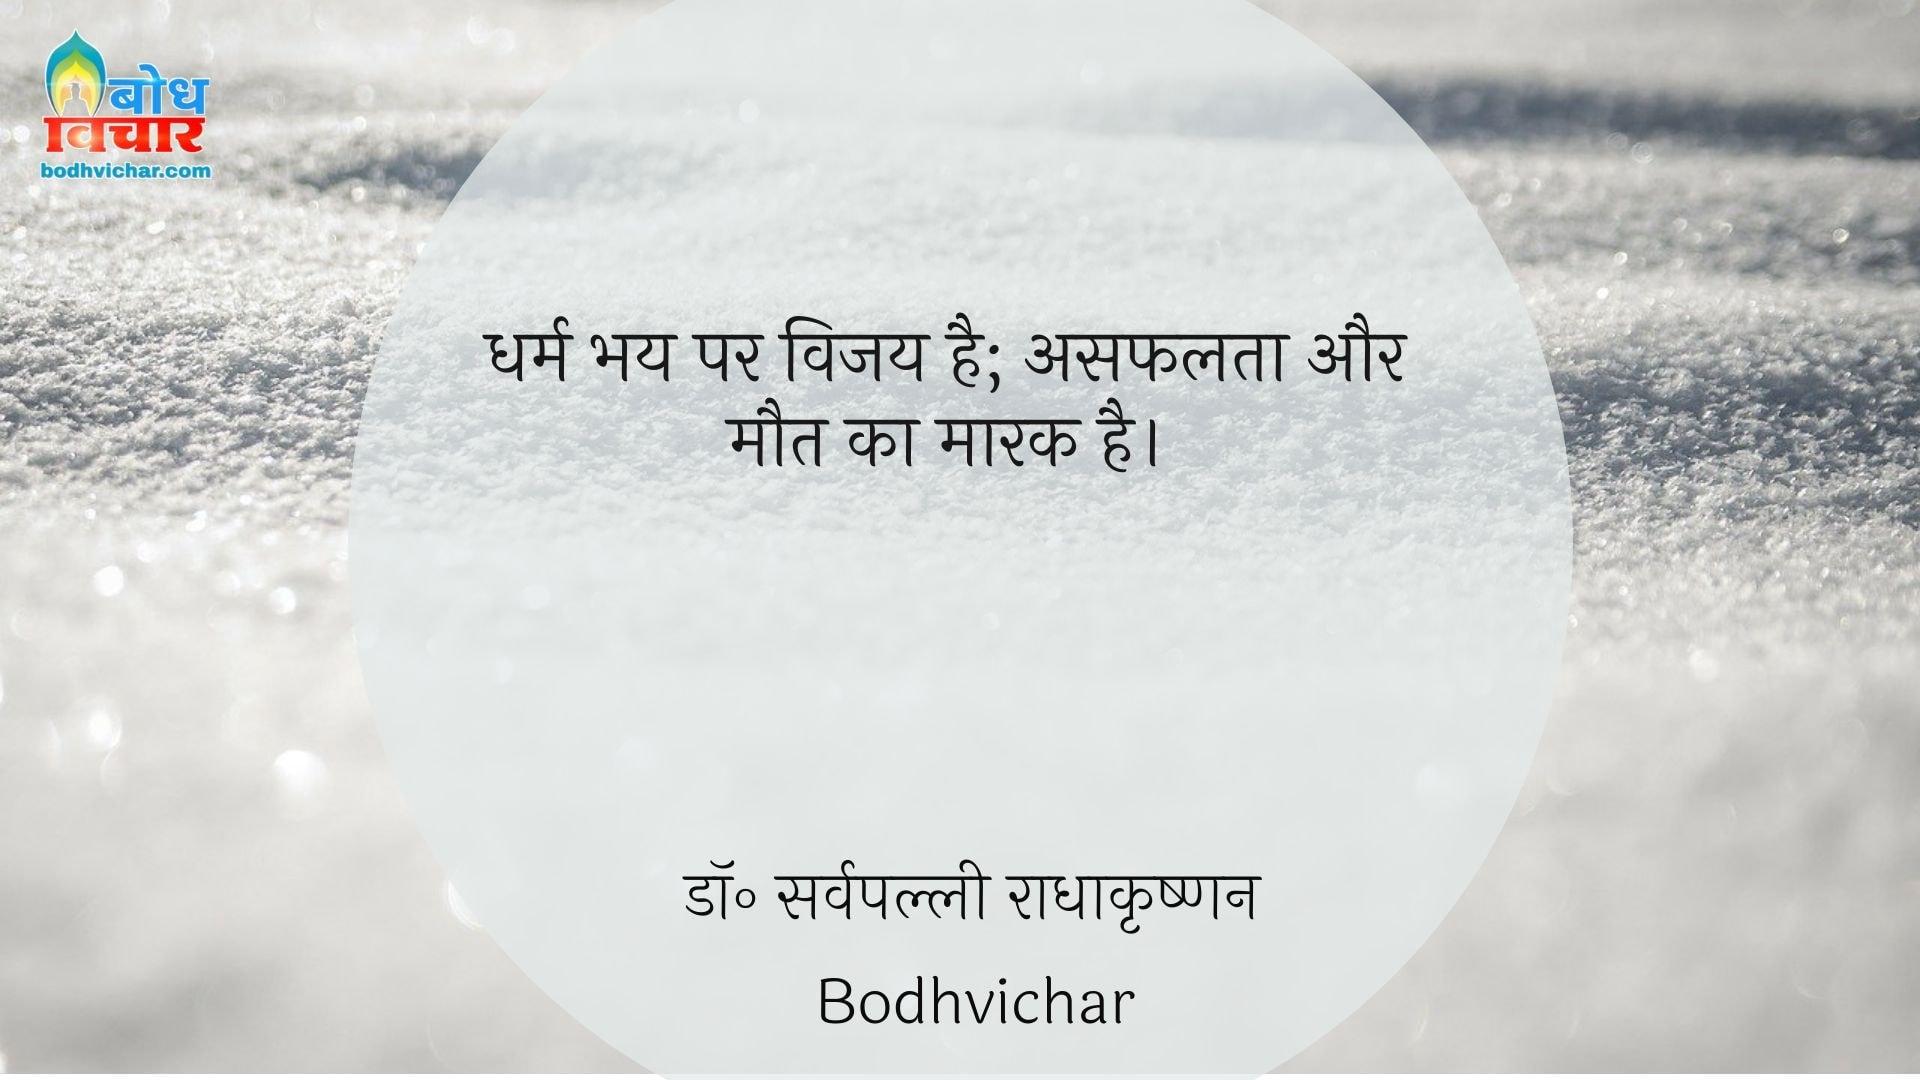 धर्म भय पर विजय है; असफलता और मौत का मारक है। : Dharm bhay par vijay hai, asafalta aur maut ka maarak hai. - डॉ॰ सर्वपल्ली राधाकृष्णन